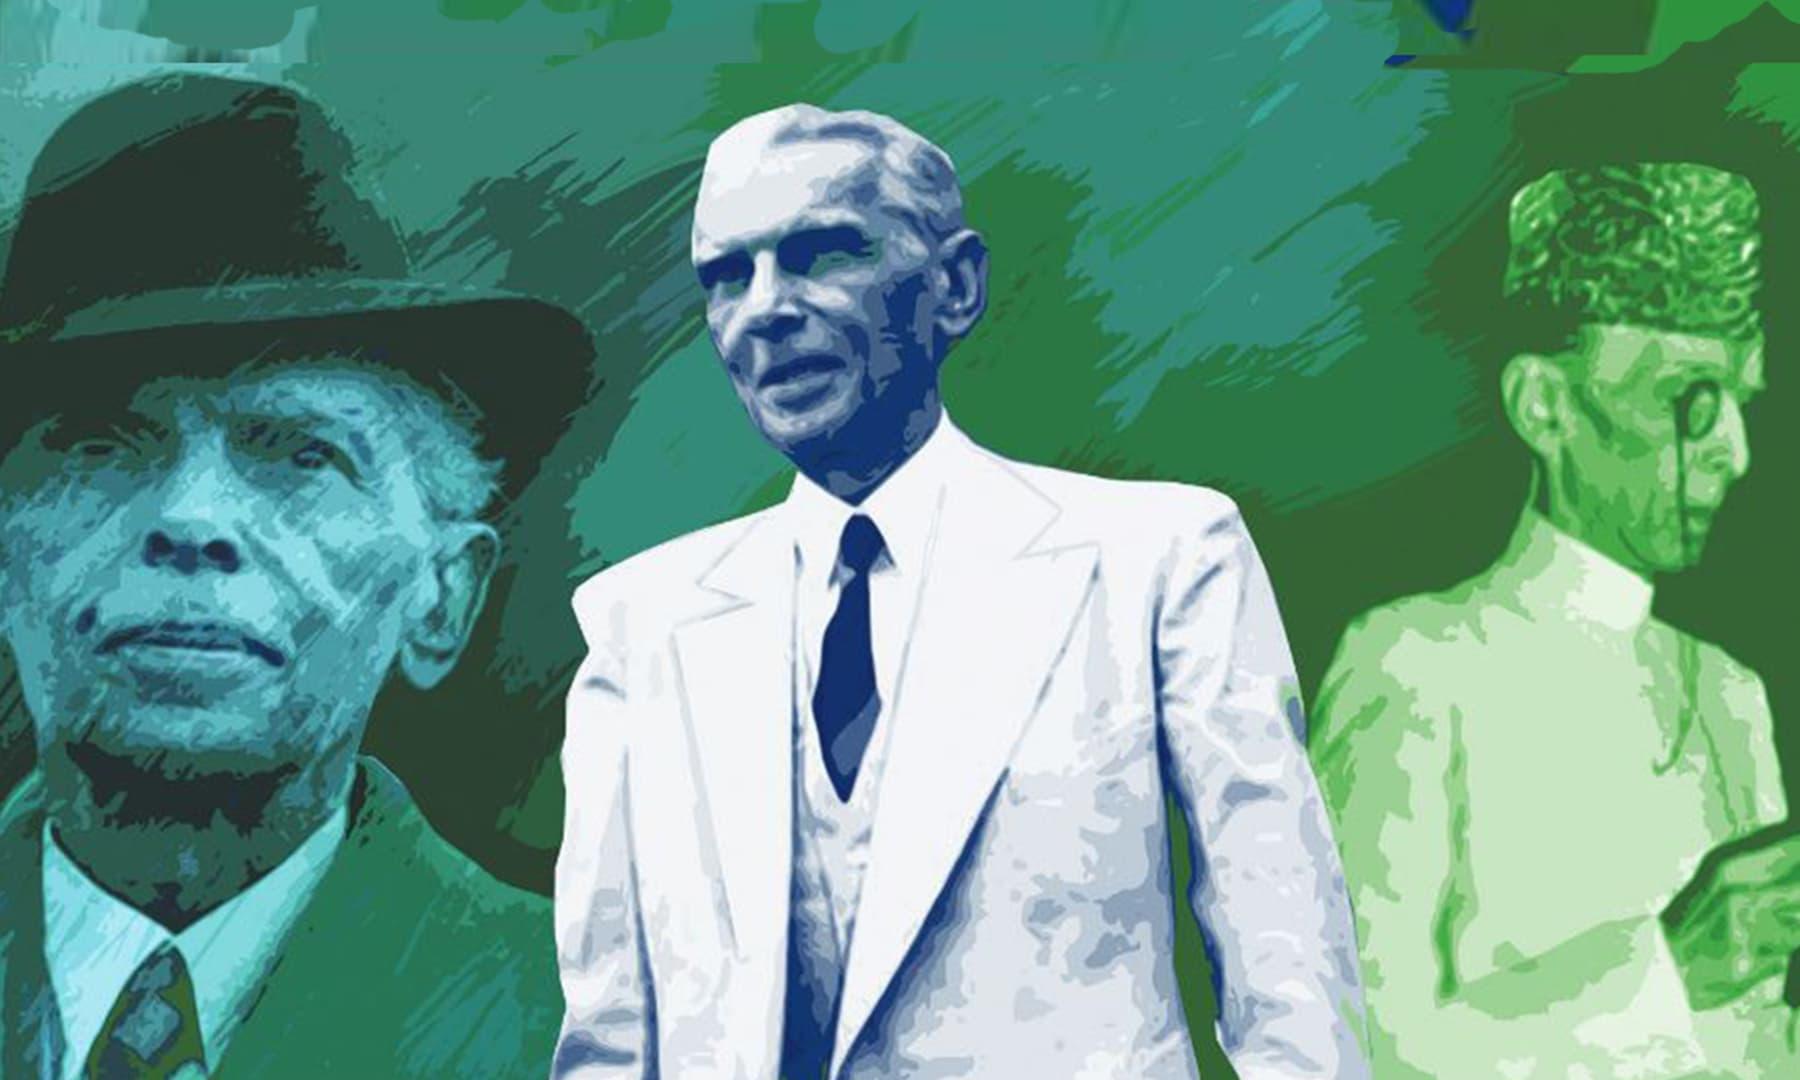 ضیا کی آمریت کے دوران (1977 سے 1988 تک) قائد اعظم کو کبھی بھی سوٹ میں نہیں دکھایا گیا تھا — خاکہ خدا بخش ابڑو